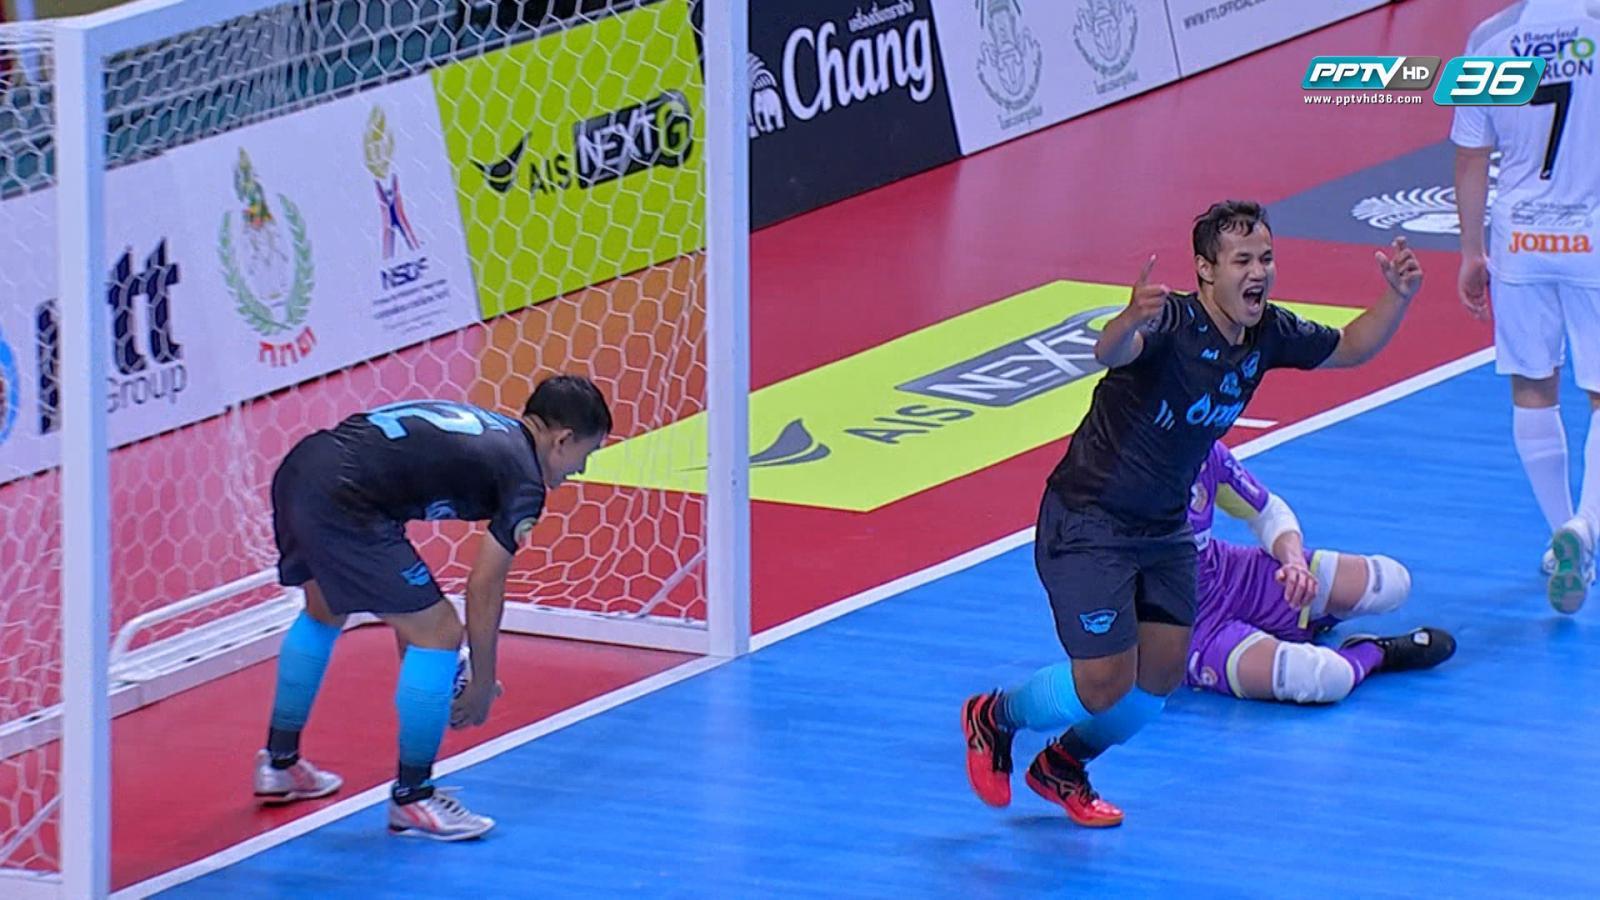 พีทีที บลูเวฟ ชลบุรี สู้สุดใจแม้แพ้ คาร์ลอส บาร์โบซ่า 2-3